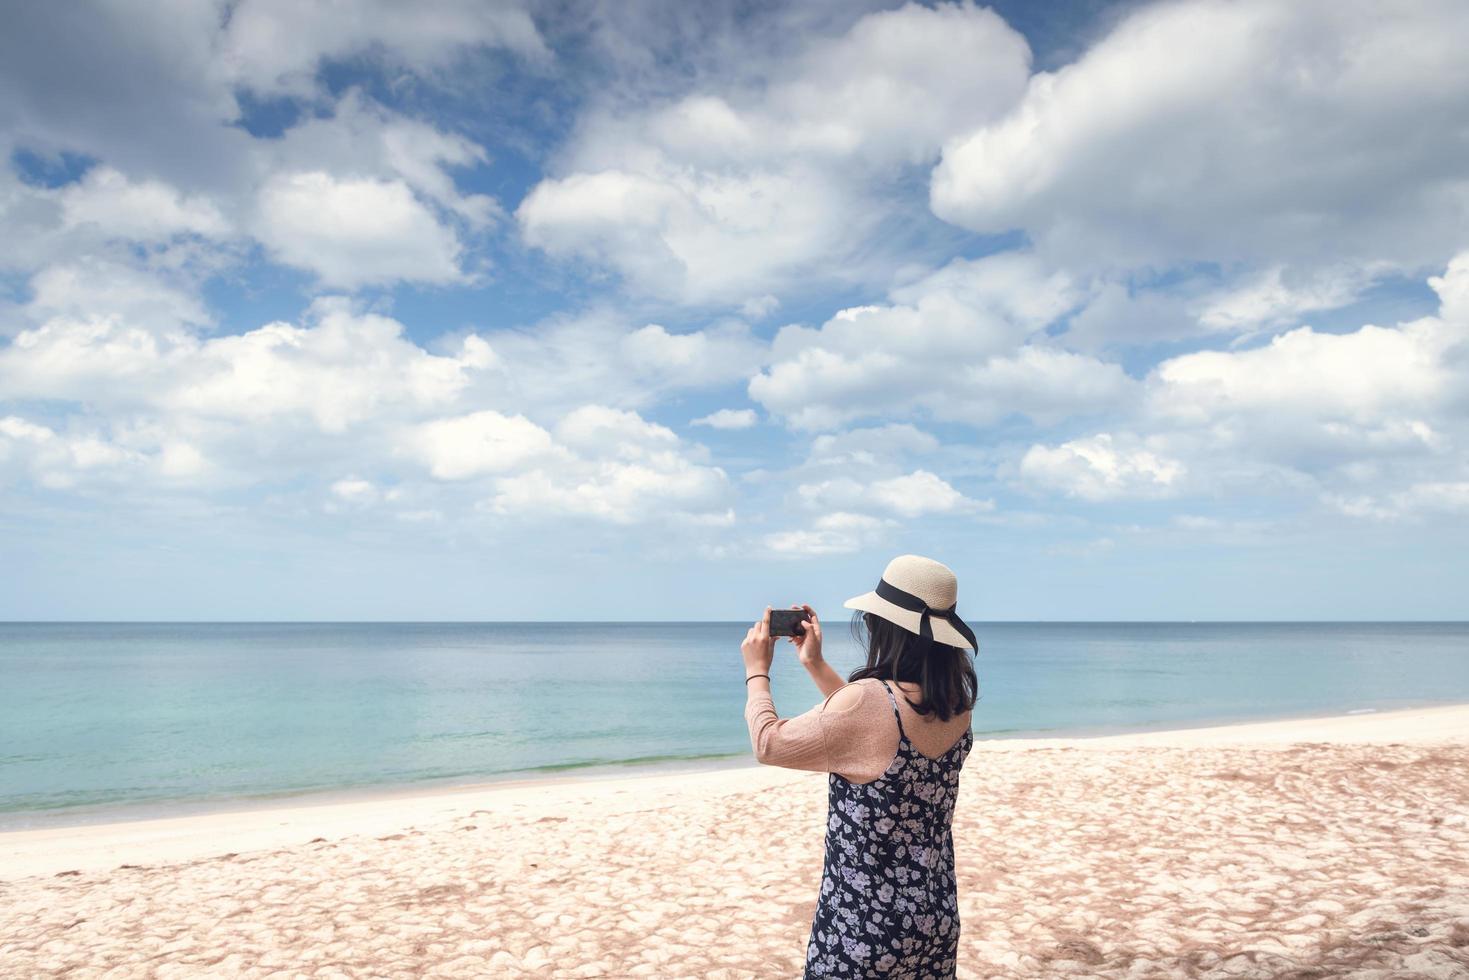 kvinna tar fotografi på stranden foto